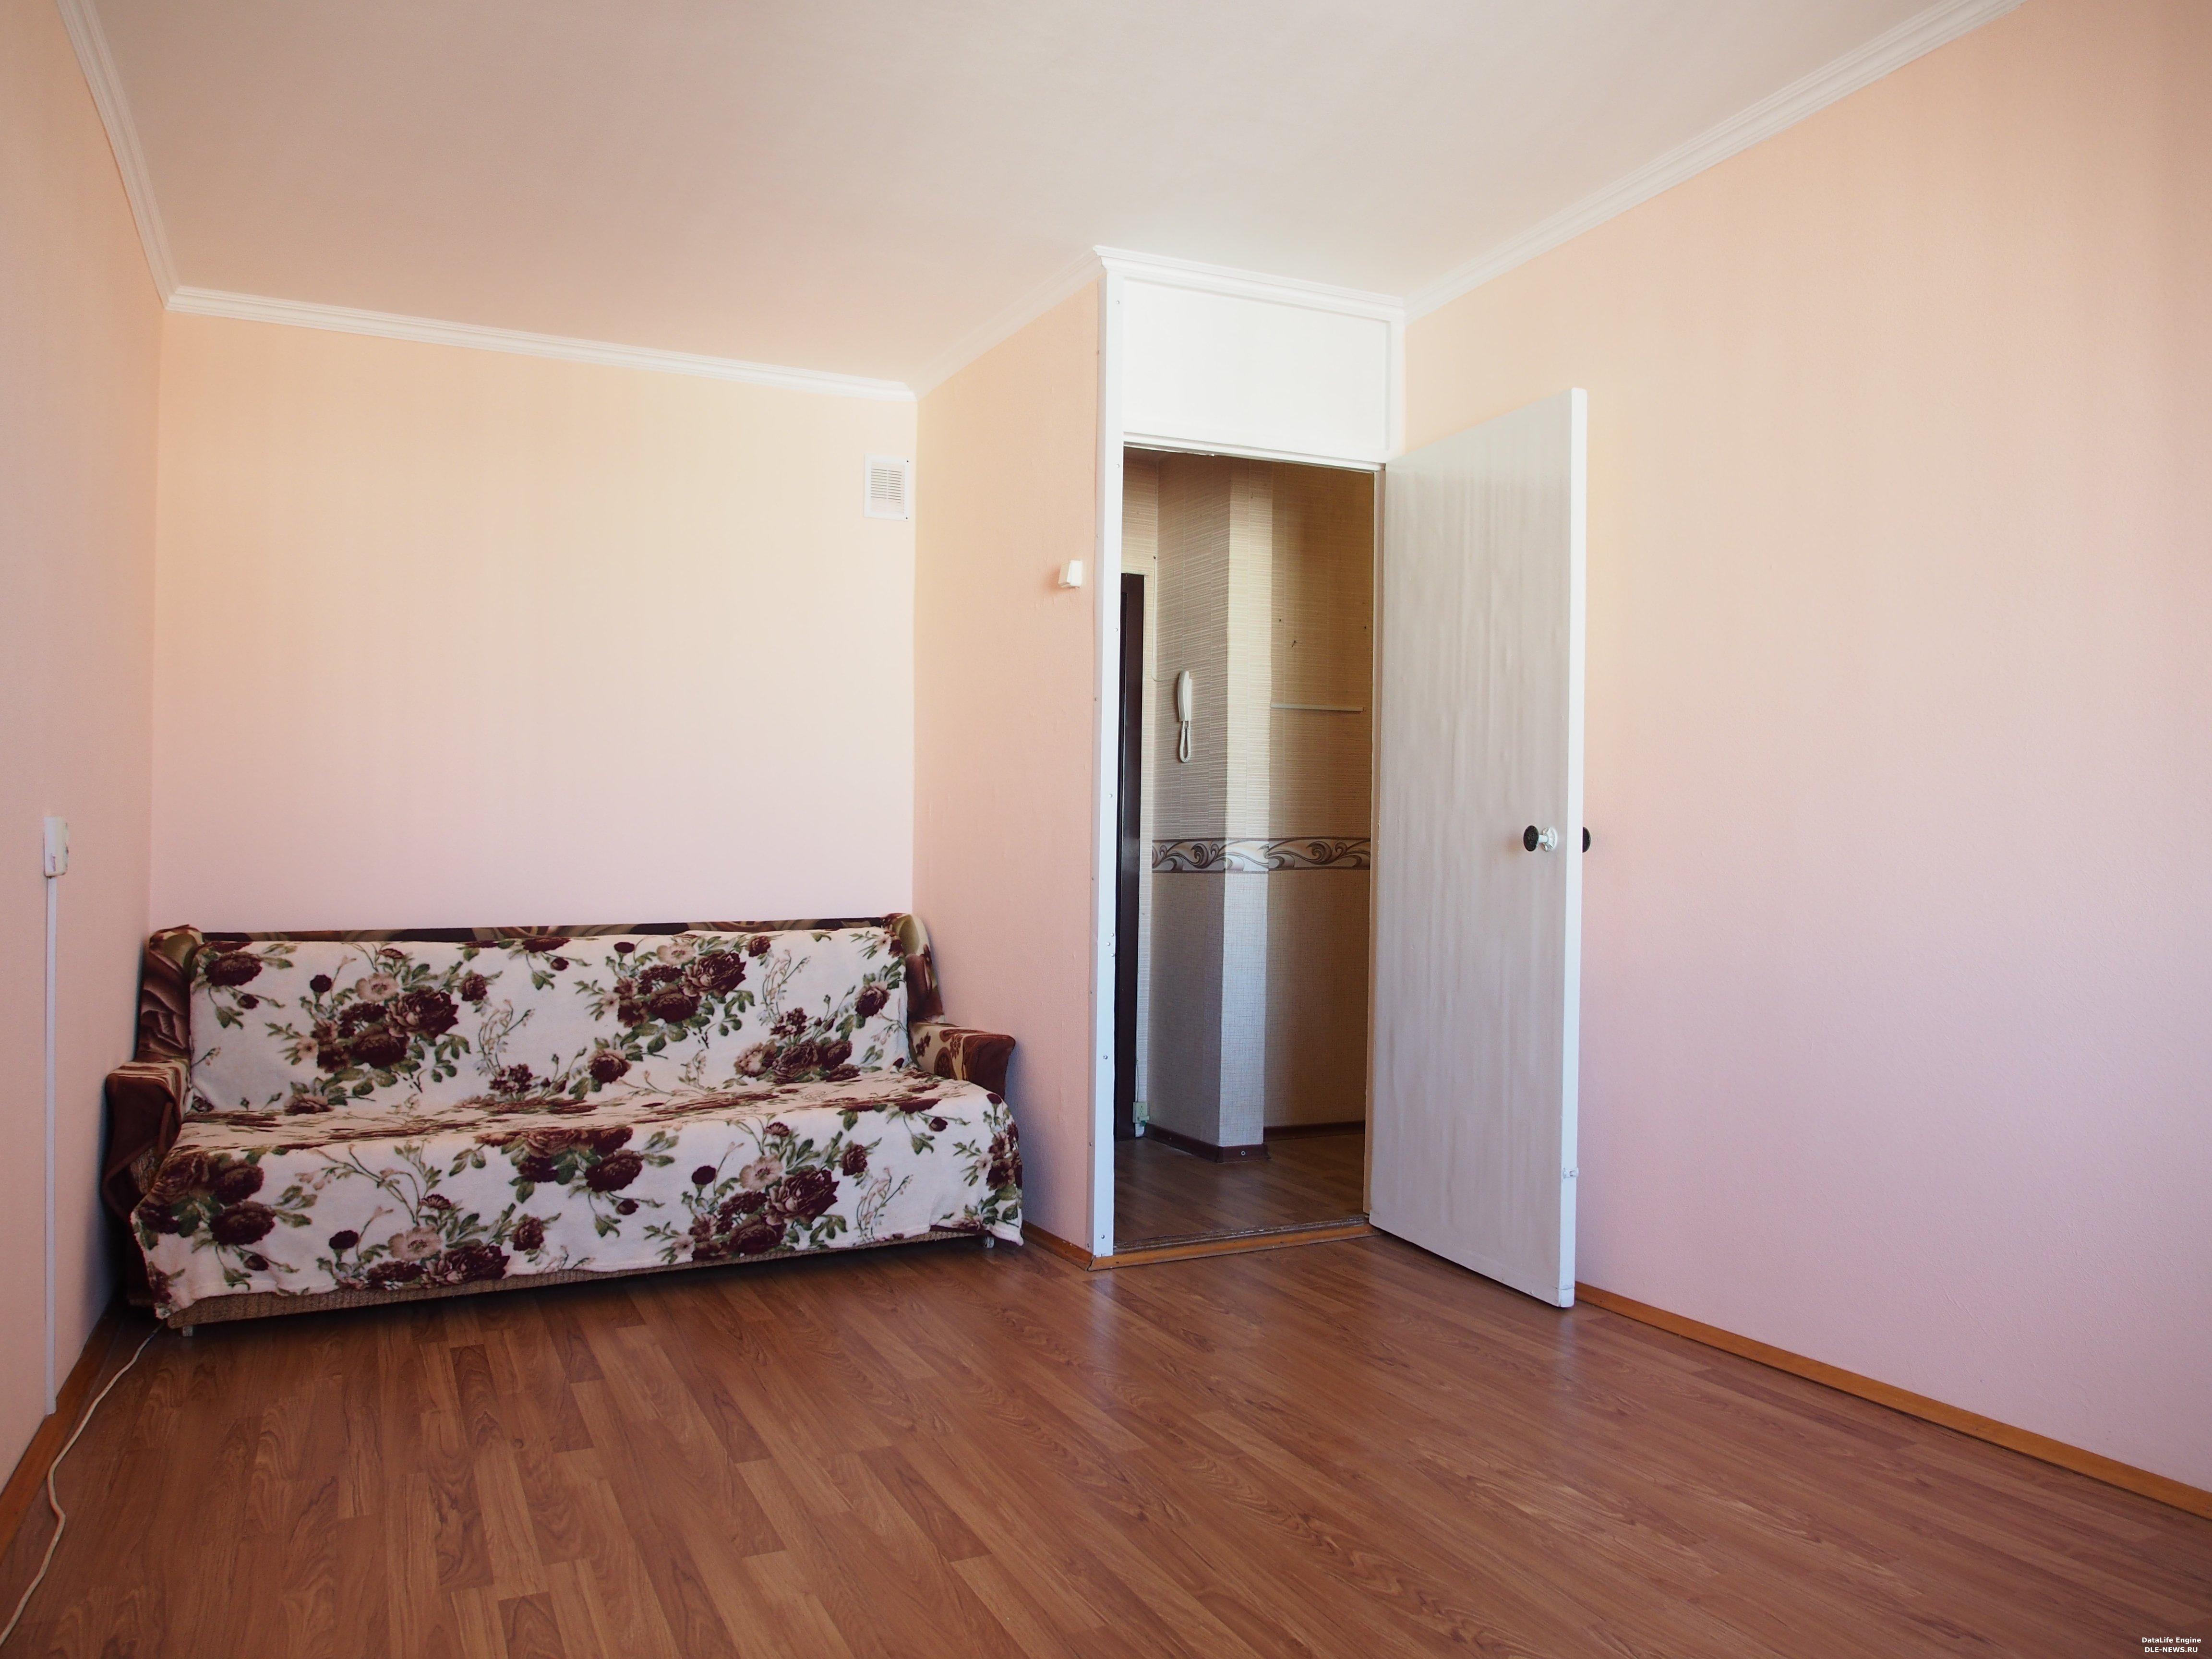 Однокомнатная квартра на ул.Янышева 114/1 Вариант № 20